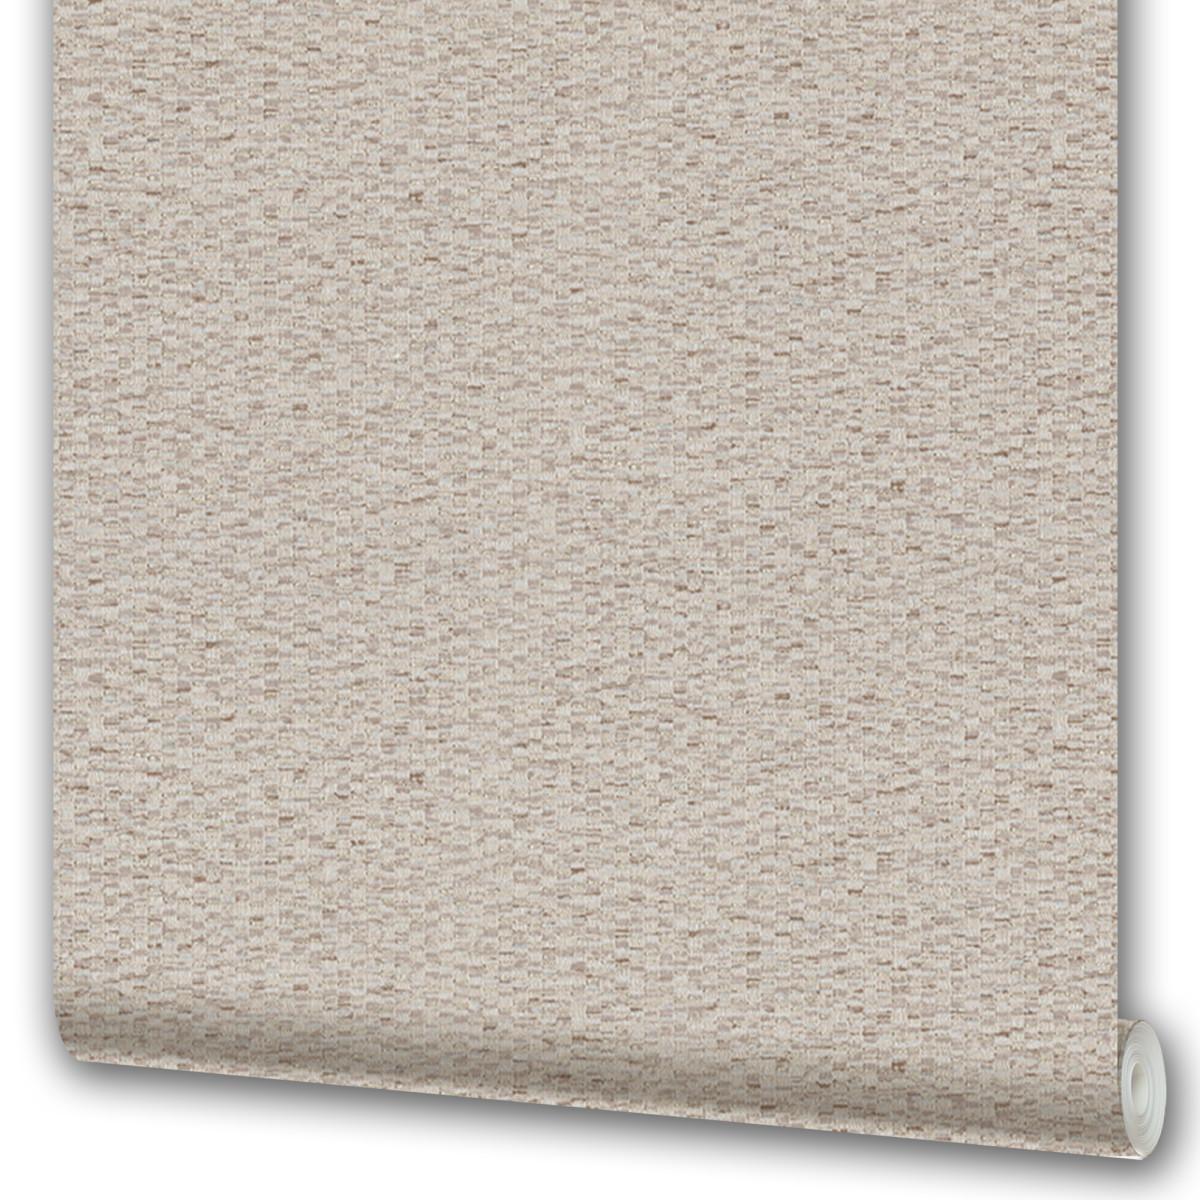 Обои флизелиновые Malex Desing Плетенка коричневые 1.06 м 4107-3